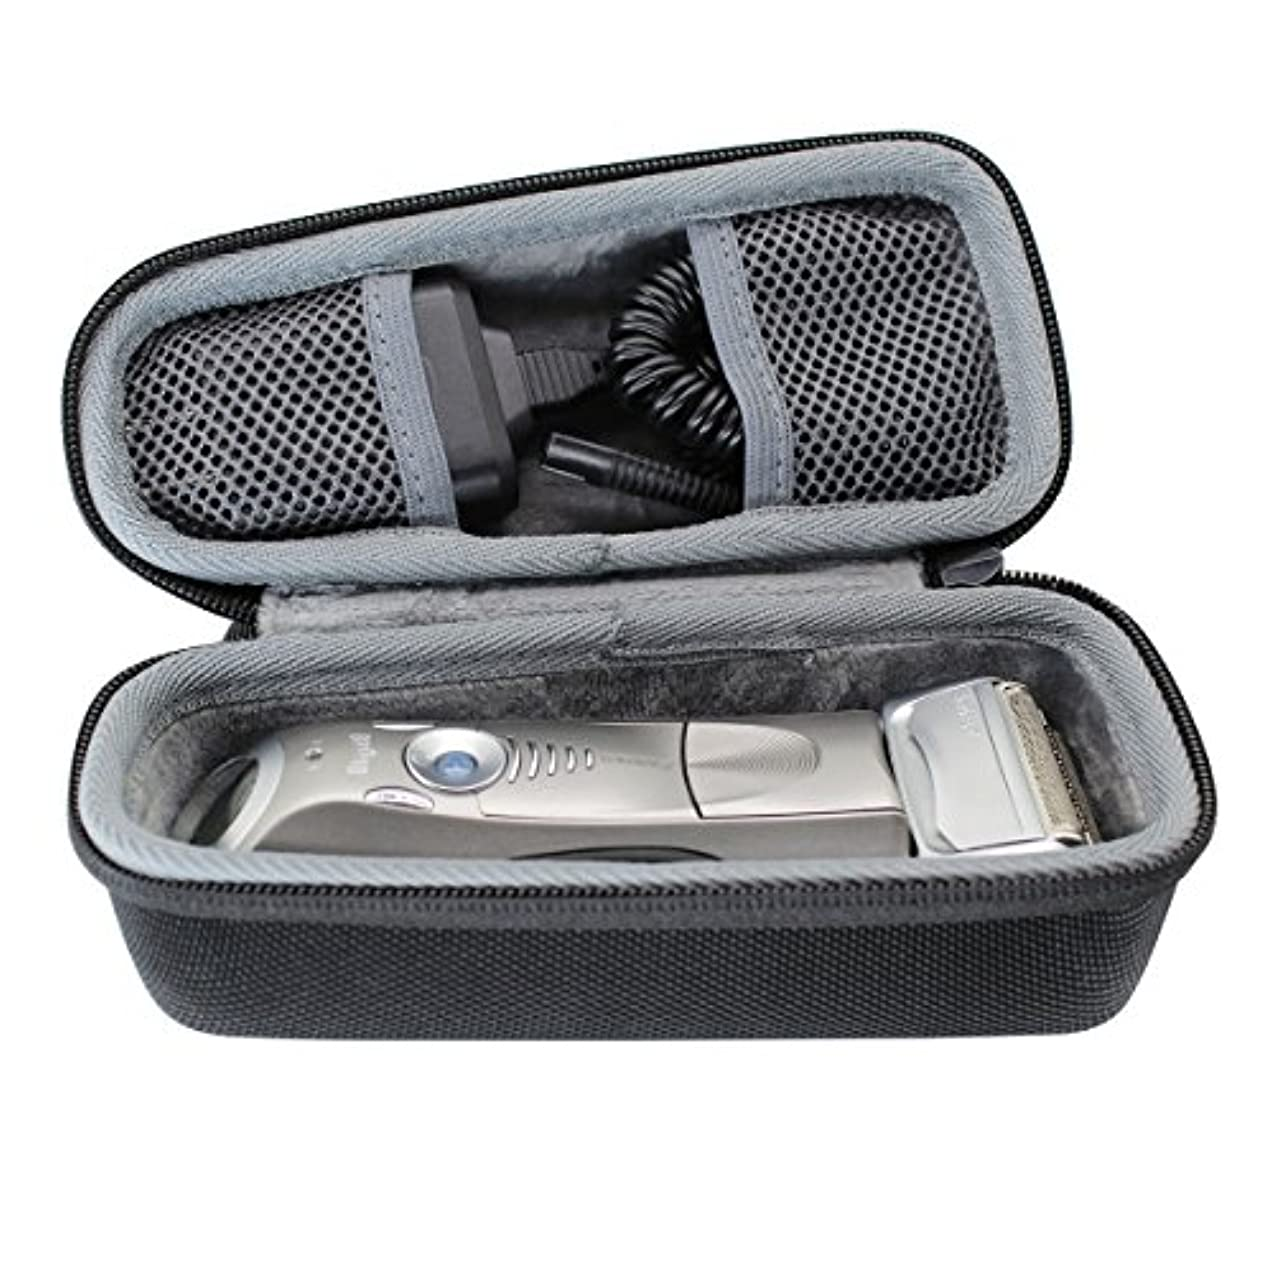 授業料変更宣言ハードポータブル旅行用ケースブラウン シリーズ5 7 9 メンズ電気シェーバー 5030s 5040s 790cc 9095cc 9292cc-VIVENS